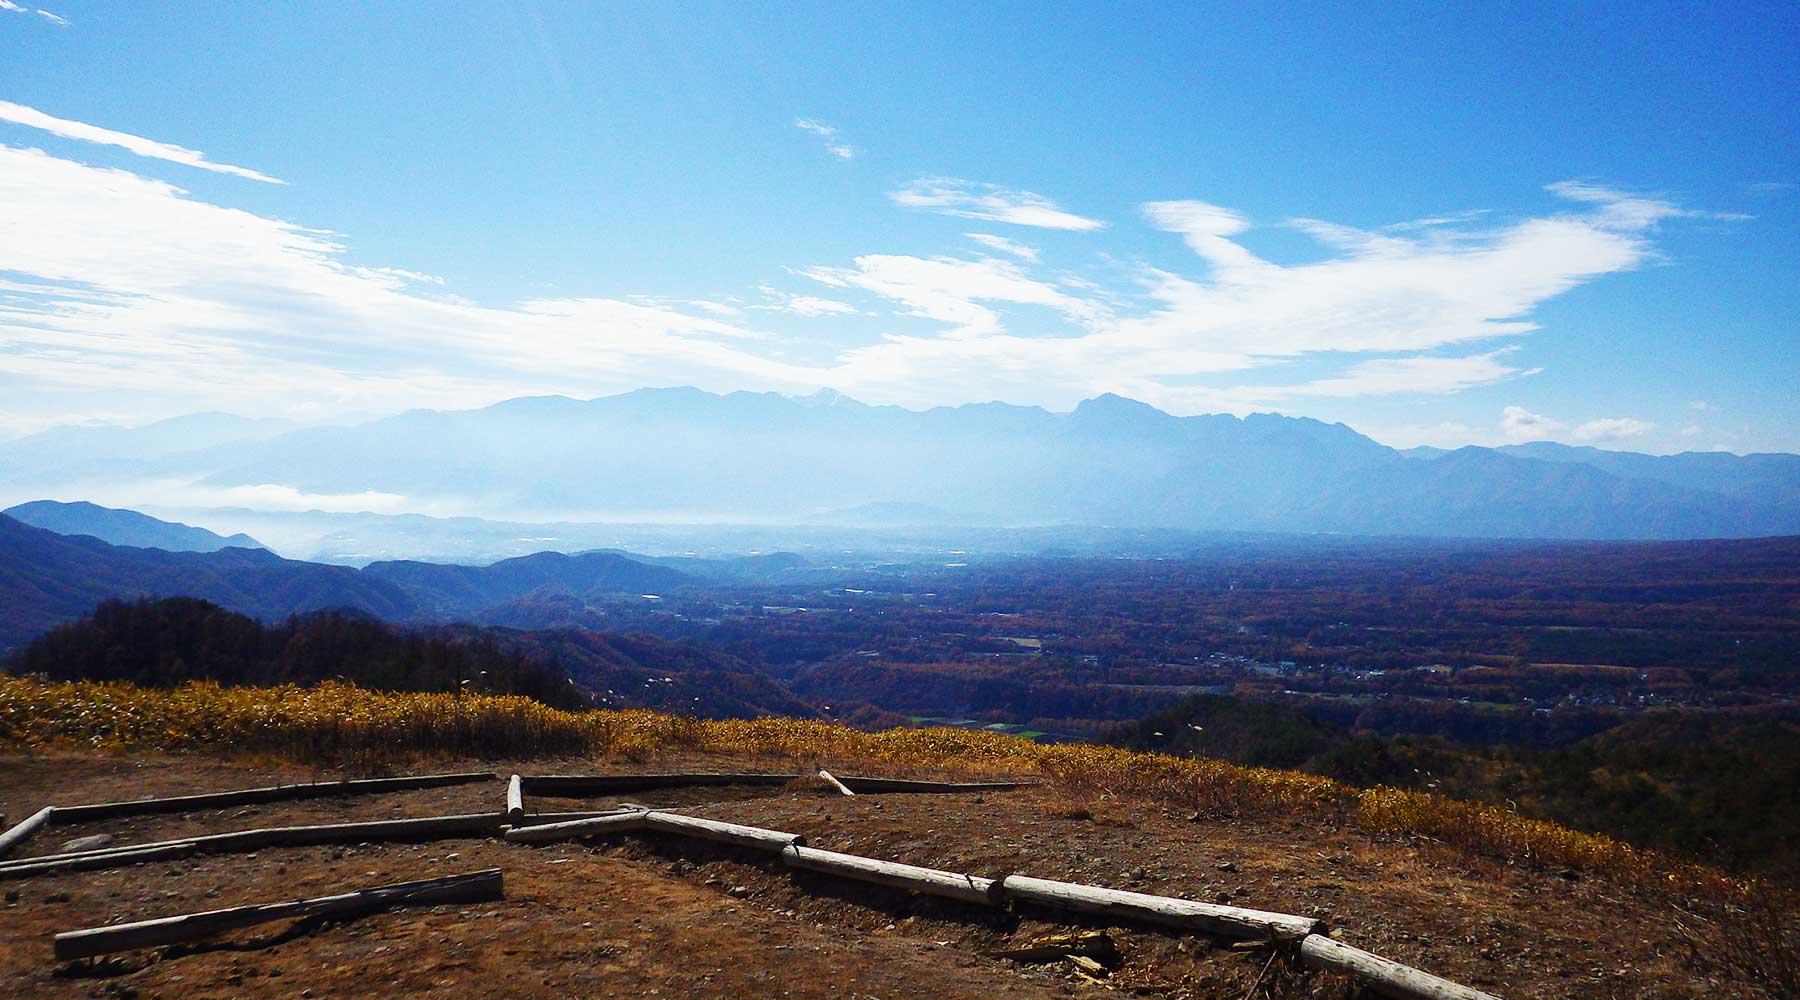 飯盛山山頂の肩は広場っぽくなっている